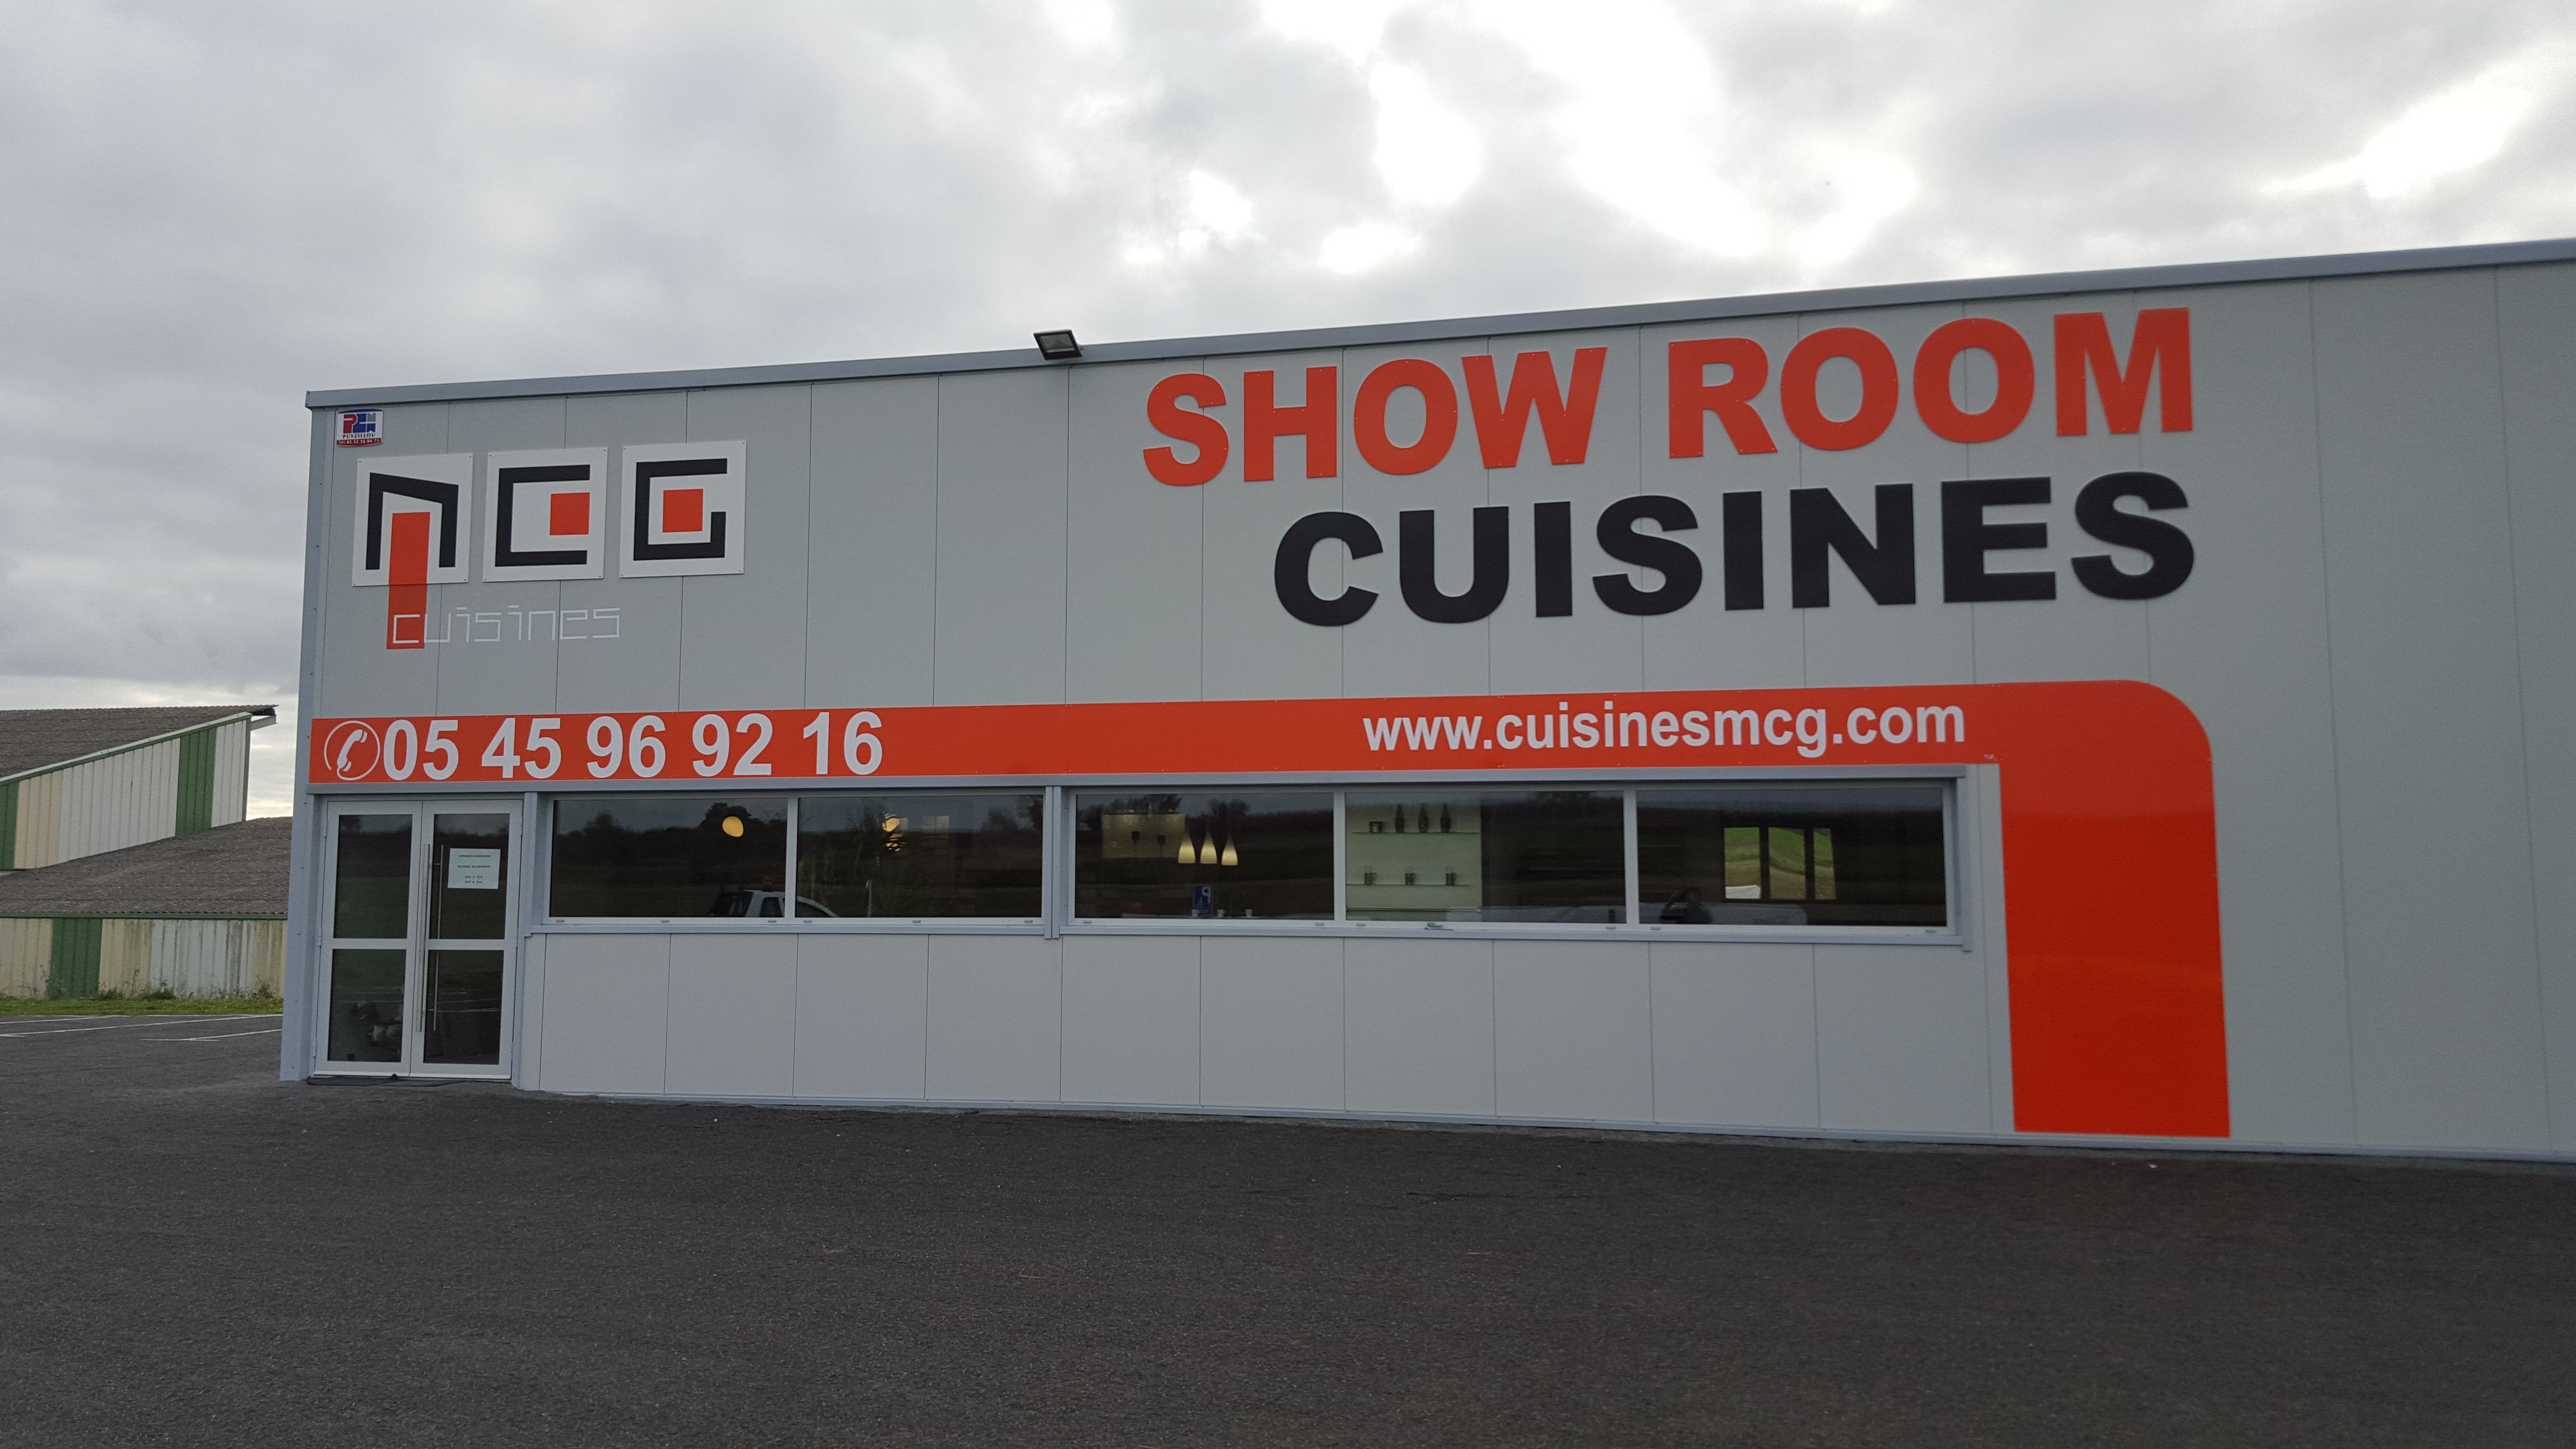 Enseigne Show Room Cuisines